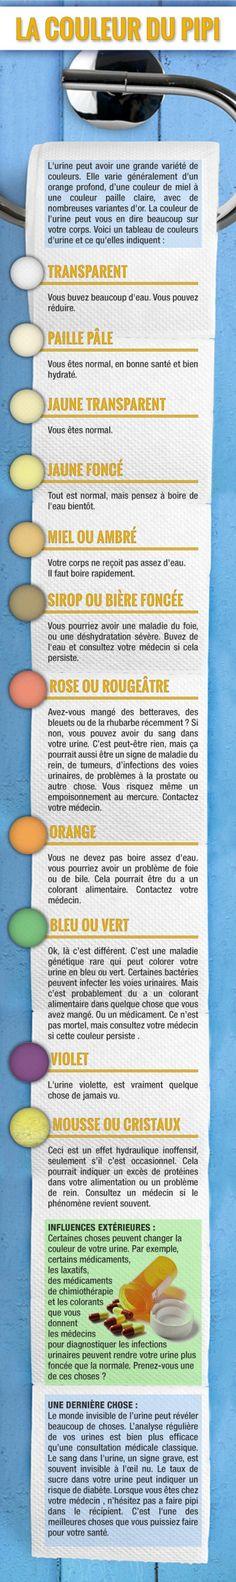 Analyser la couleur de votre pipi peut être très bénéfique pour la santé! Voici…